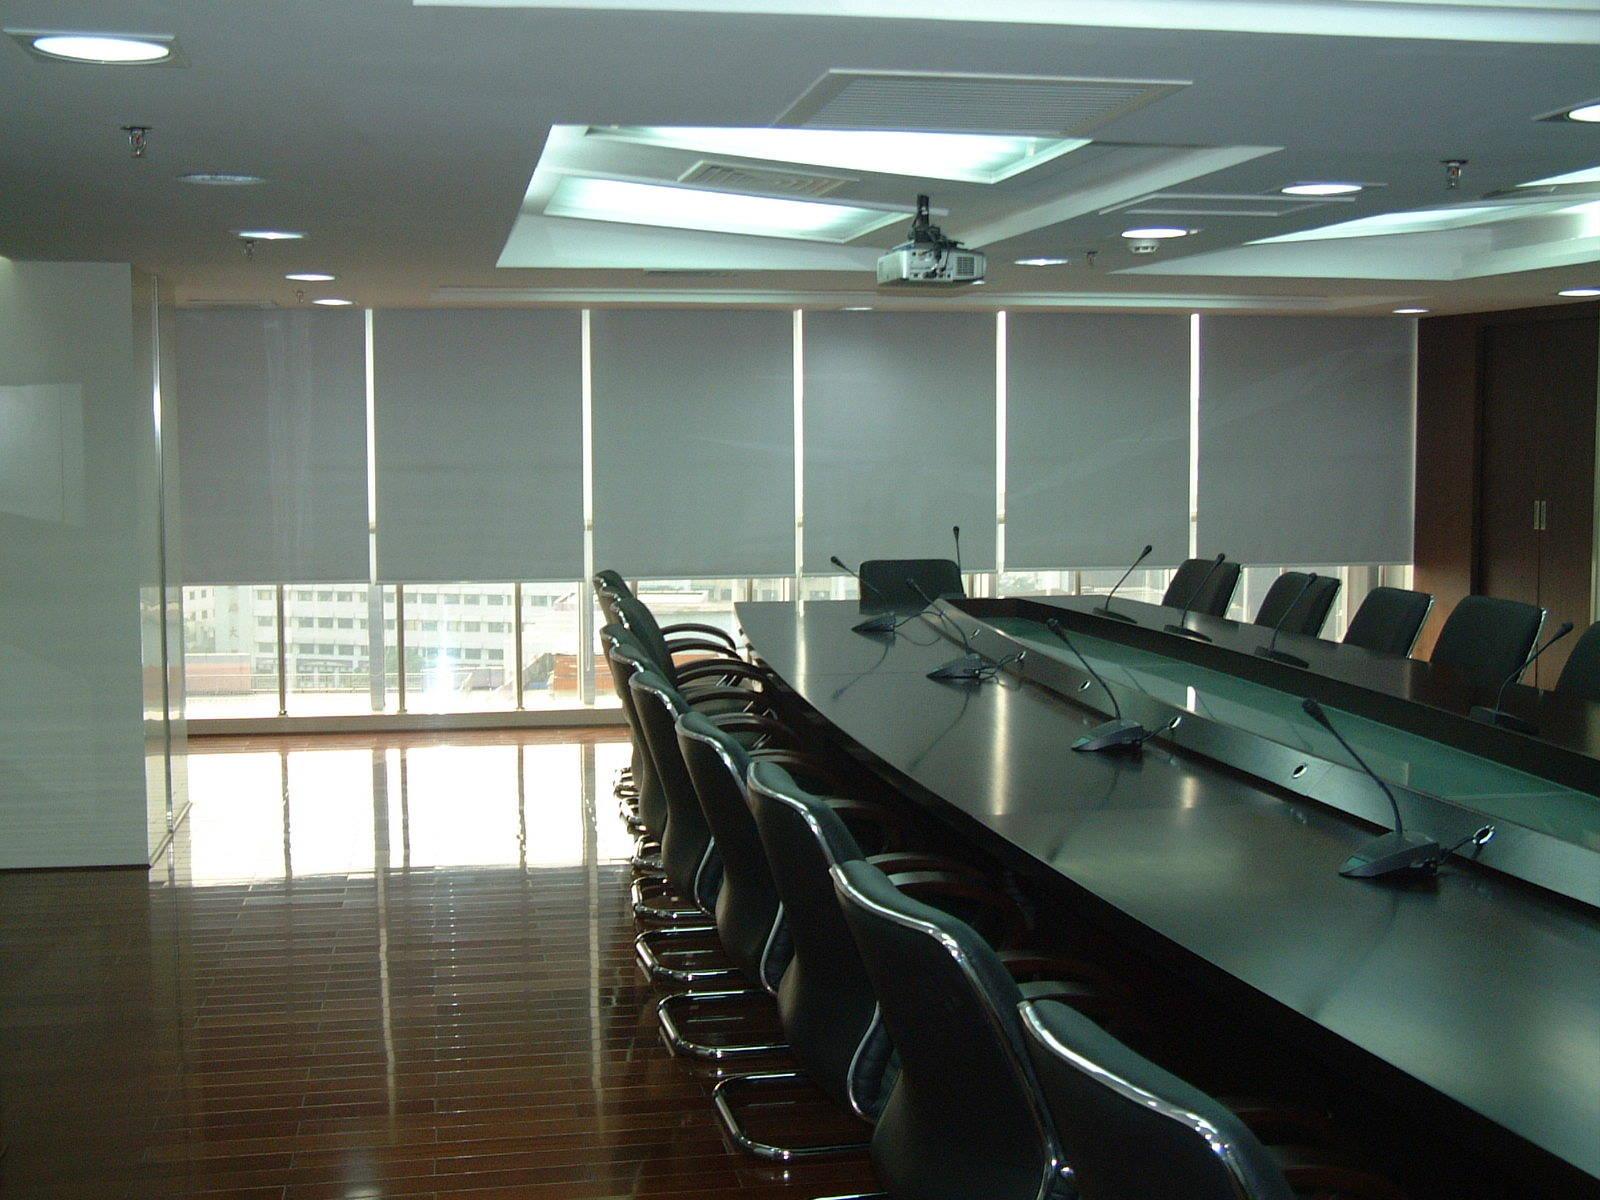 老总办公室窗帘_老总办公室窗帘效果图